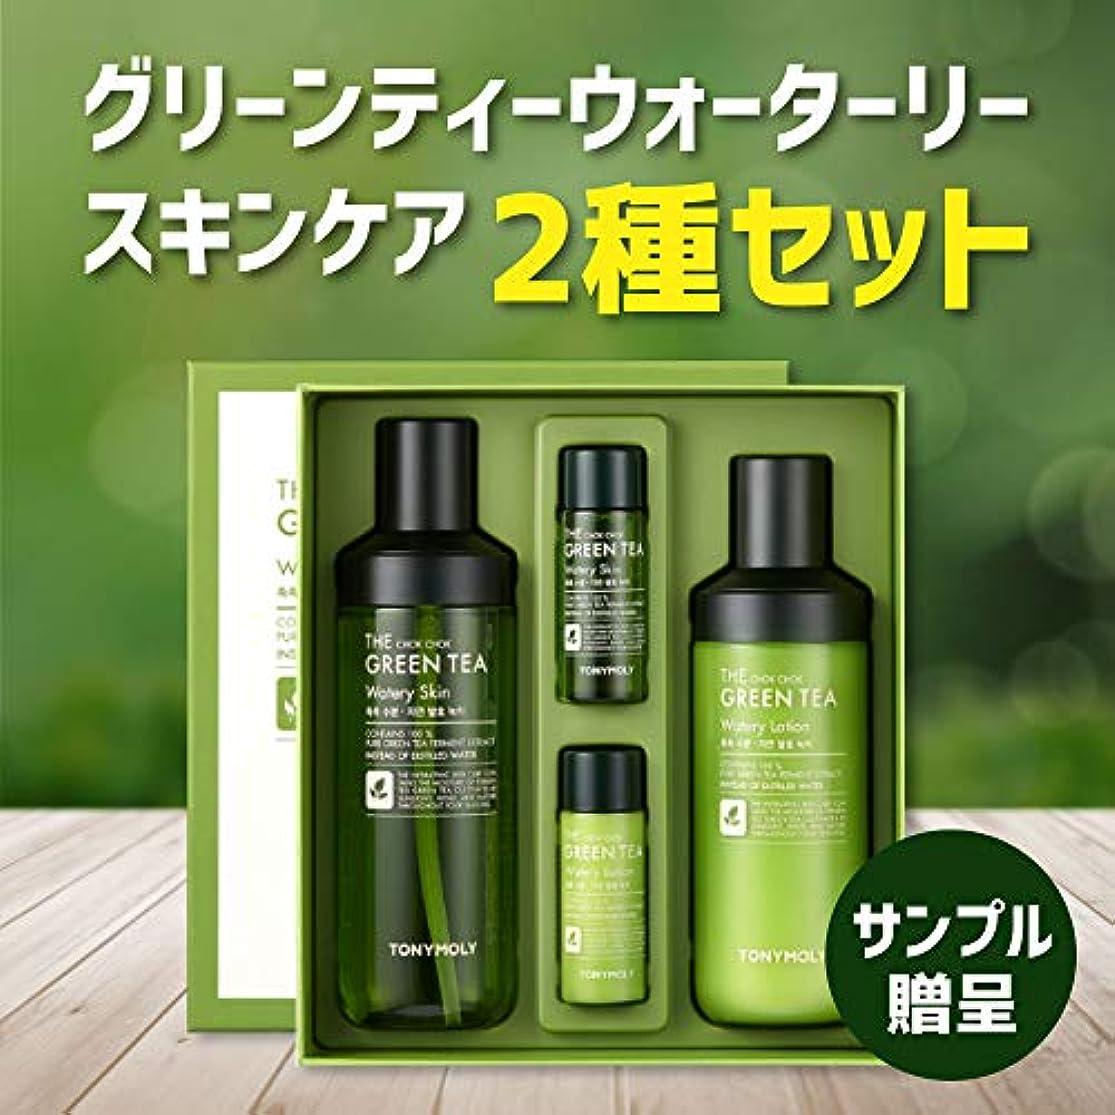 上回る法王化石TONYMOLY しっとり グリーン ティー 水分 化粧水 乳液 セット 抹茶 The Chok Chok Green Tea Watery Skin